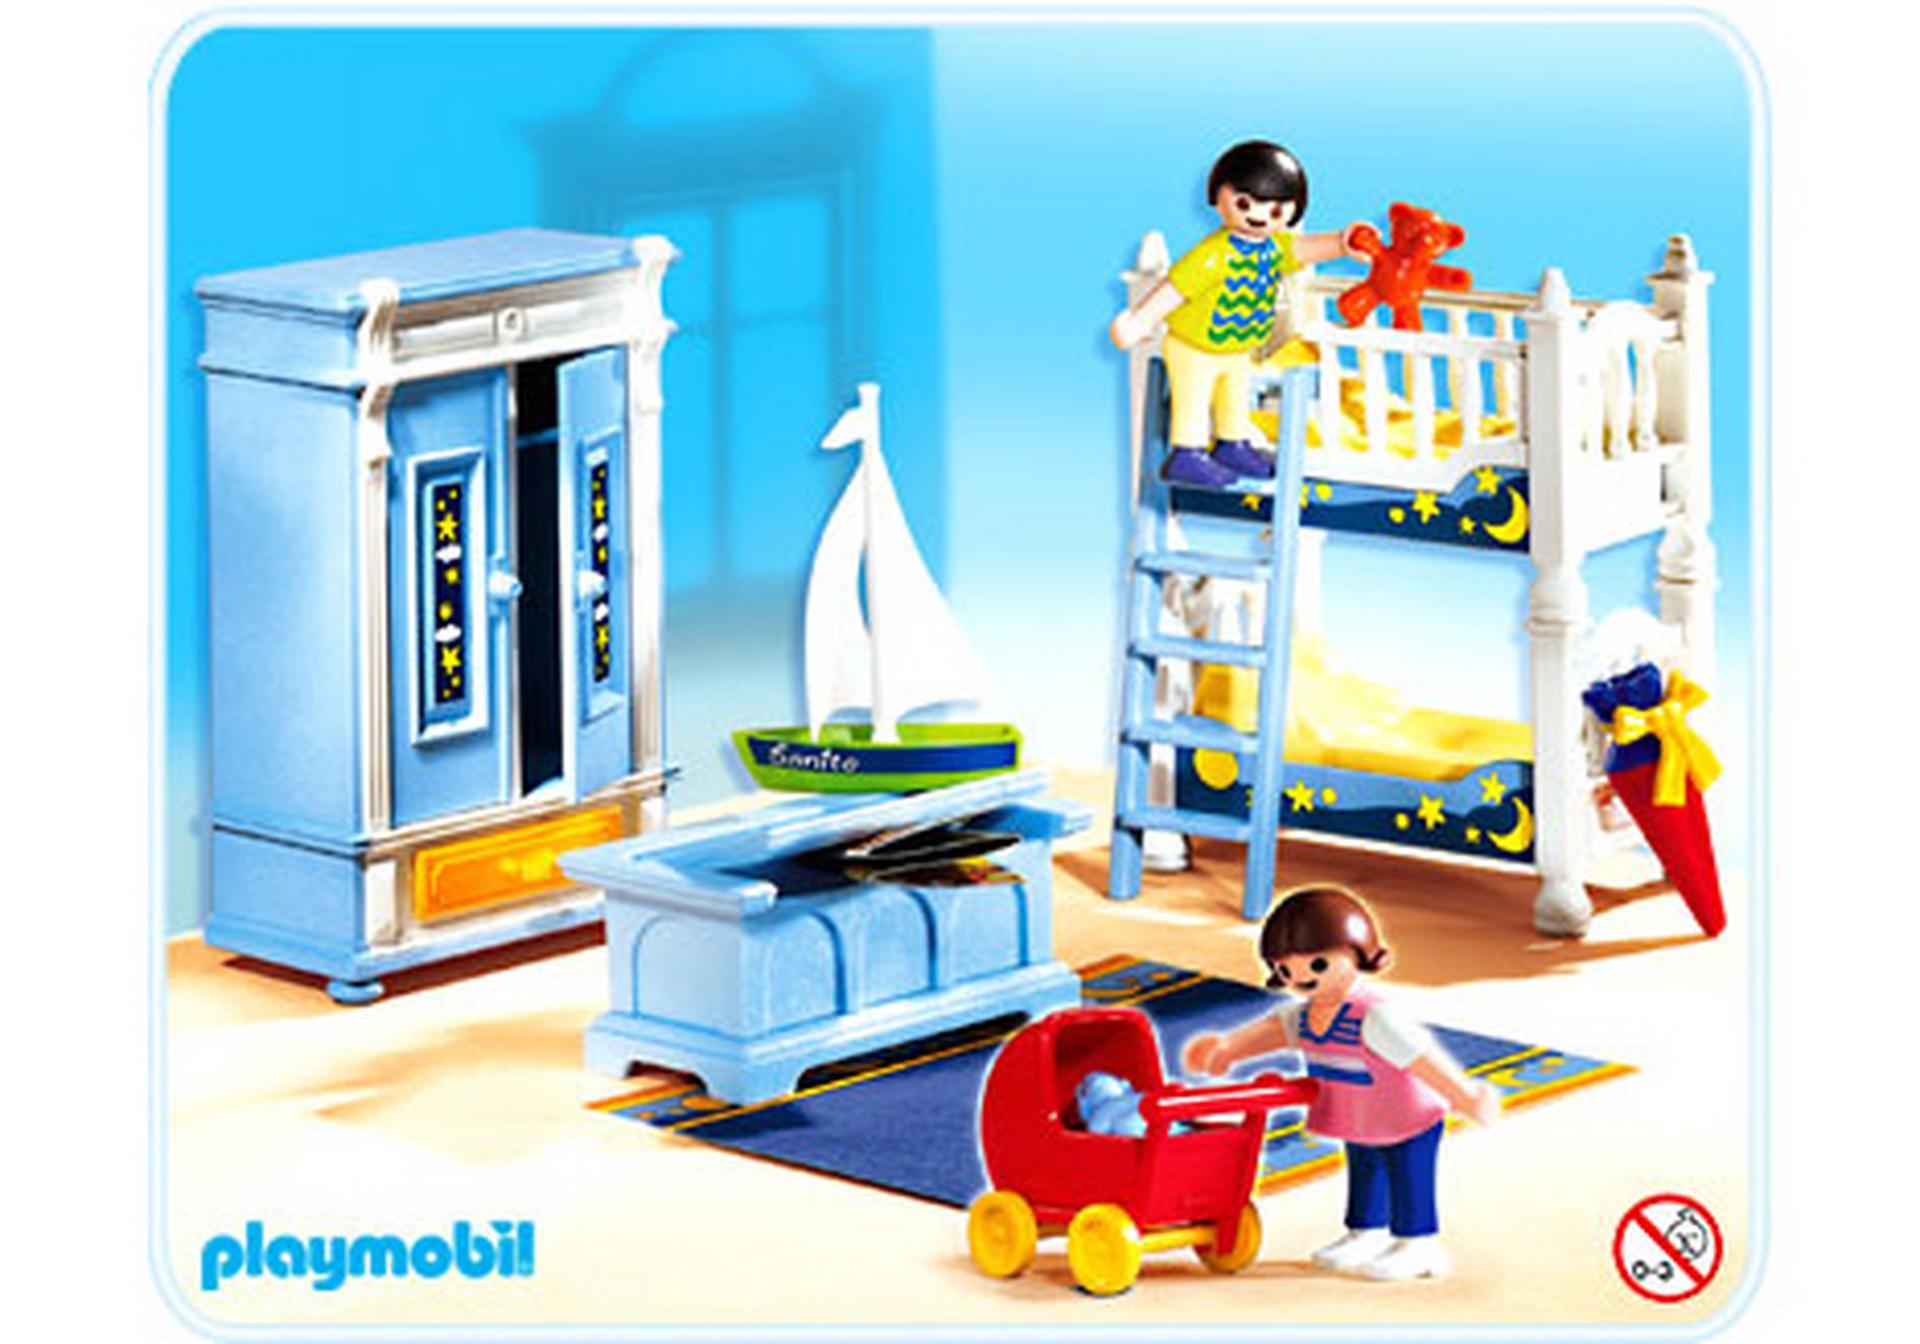 Kinderzimmer mit stockbetten 5328 a playmobil deutschland for Jugendzimmer playmobil